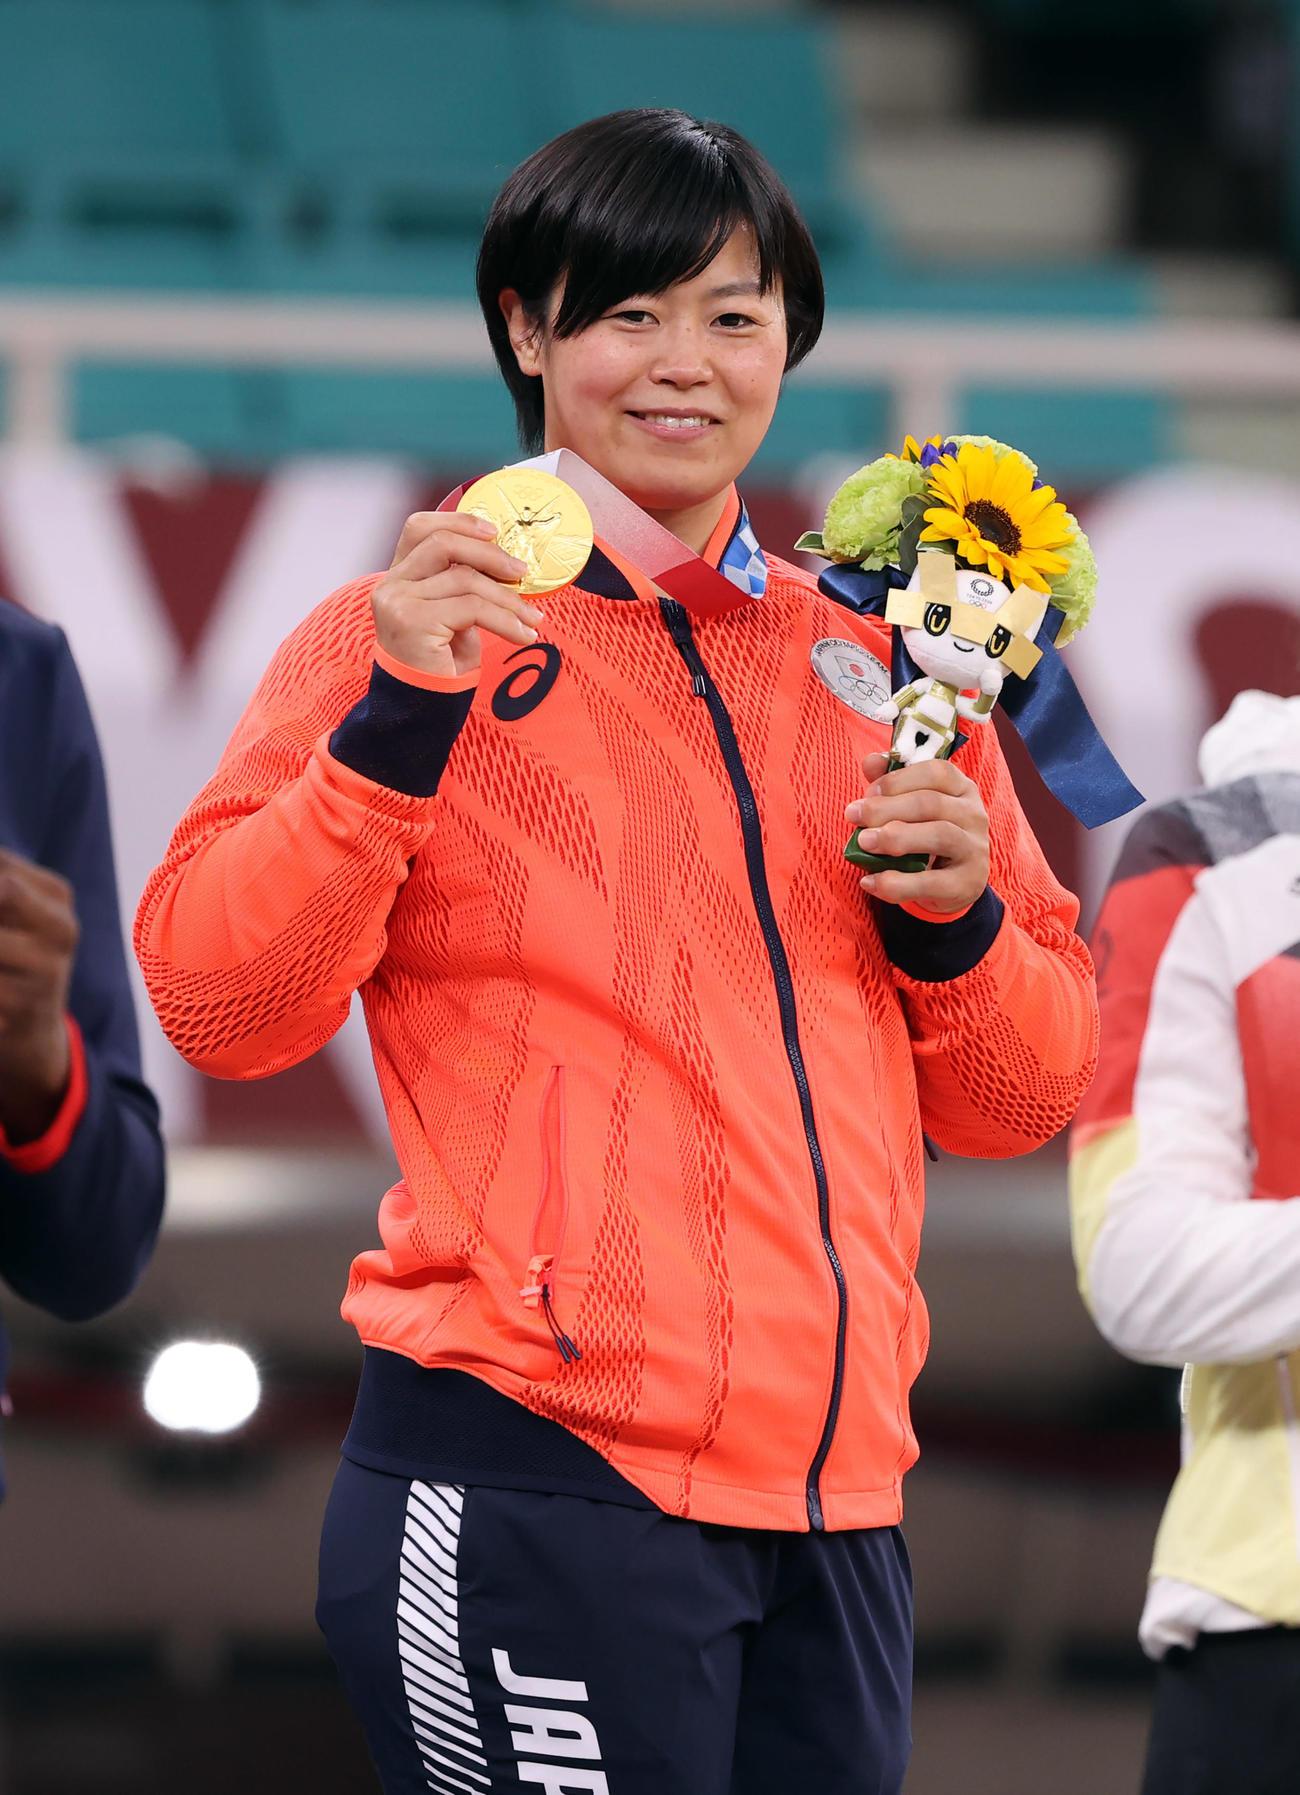 女子78キロ級 表彰式で金メダルを手に笑顔を見せる濱田(撮影・パオロ ヌッチ)